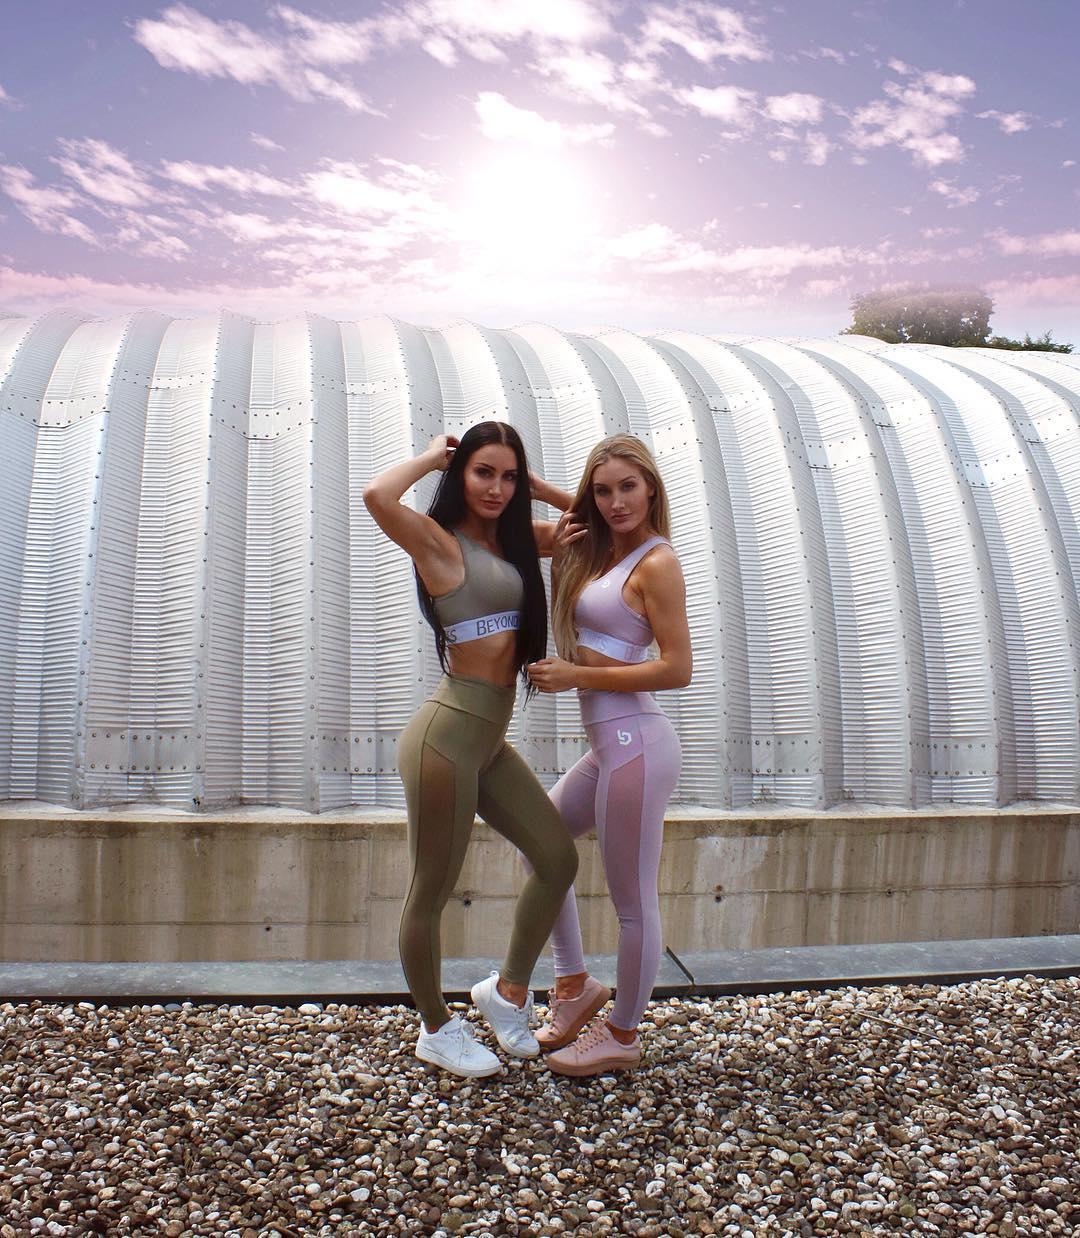 С помощью откровенных фото в Instagram близняшки оплатили университет